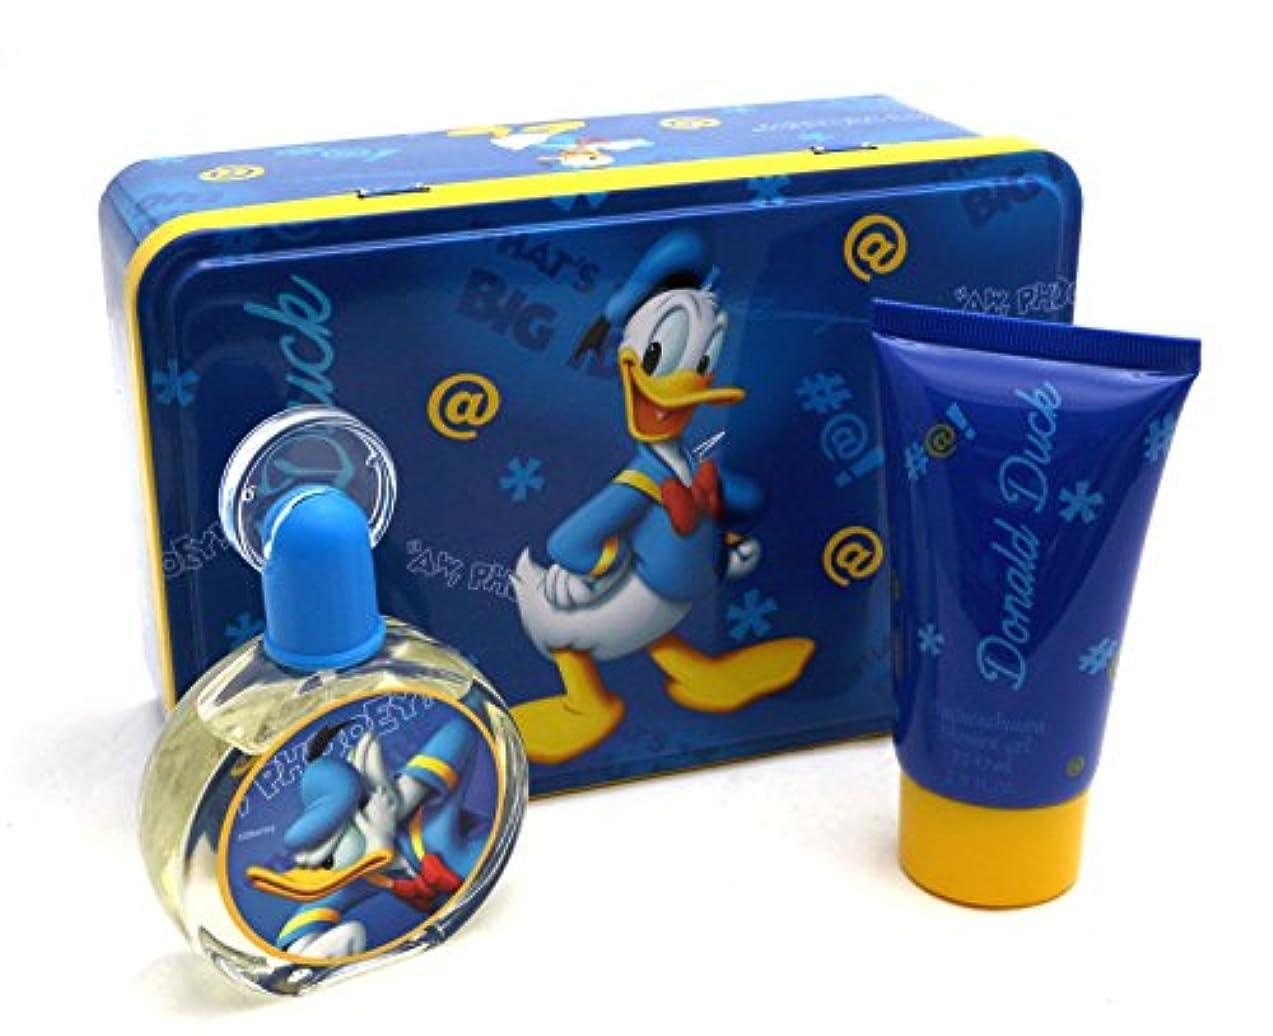 ブランク反論者すべきDonald Duck (ドナルドダック) 1.7 oz (50ml) EDT Spray + 2.5 oz (75ml) Shower Gel by Disney